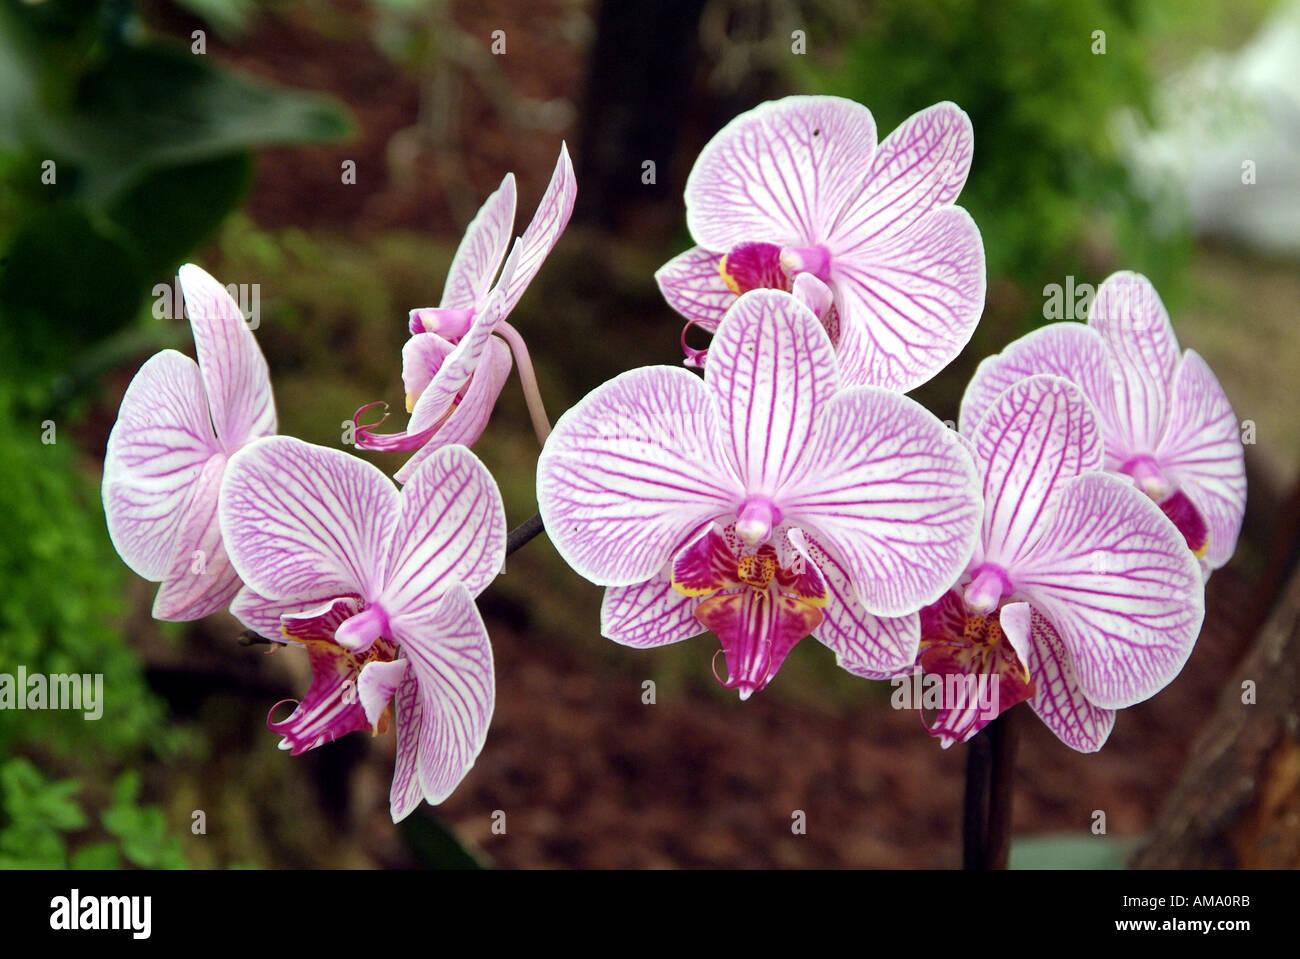 Phalaenopsis orchidée épiphyte bistro malibu hothouse terrestre fleur floral tropical exotique de l'usine de pulvérisation de l'Est Moyen-Orient jungle Banque D'Images